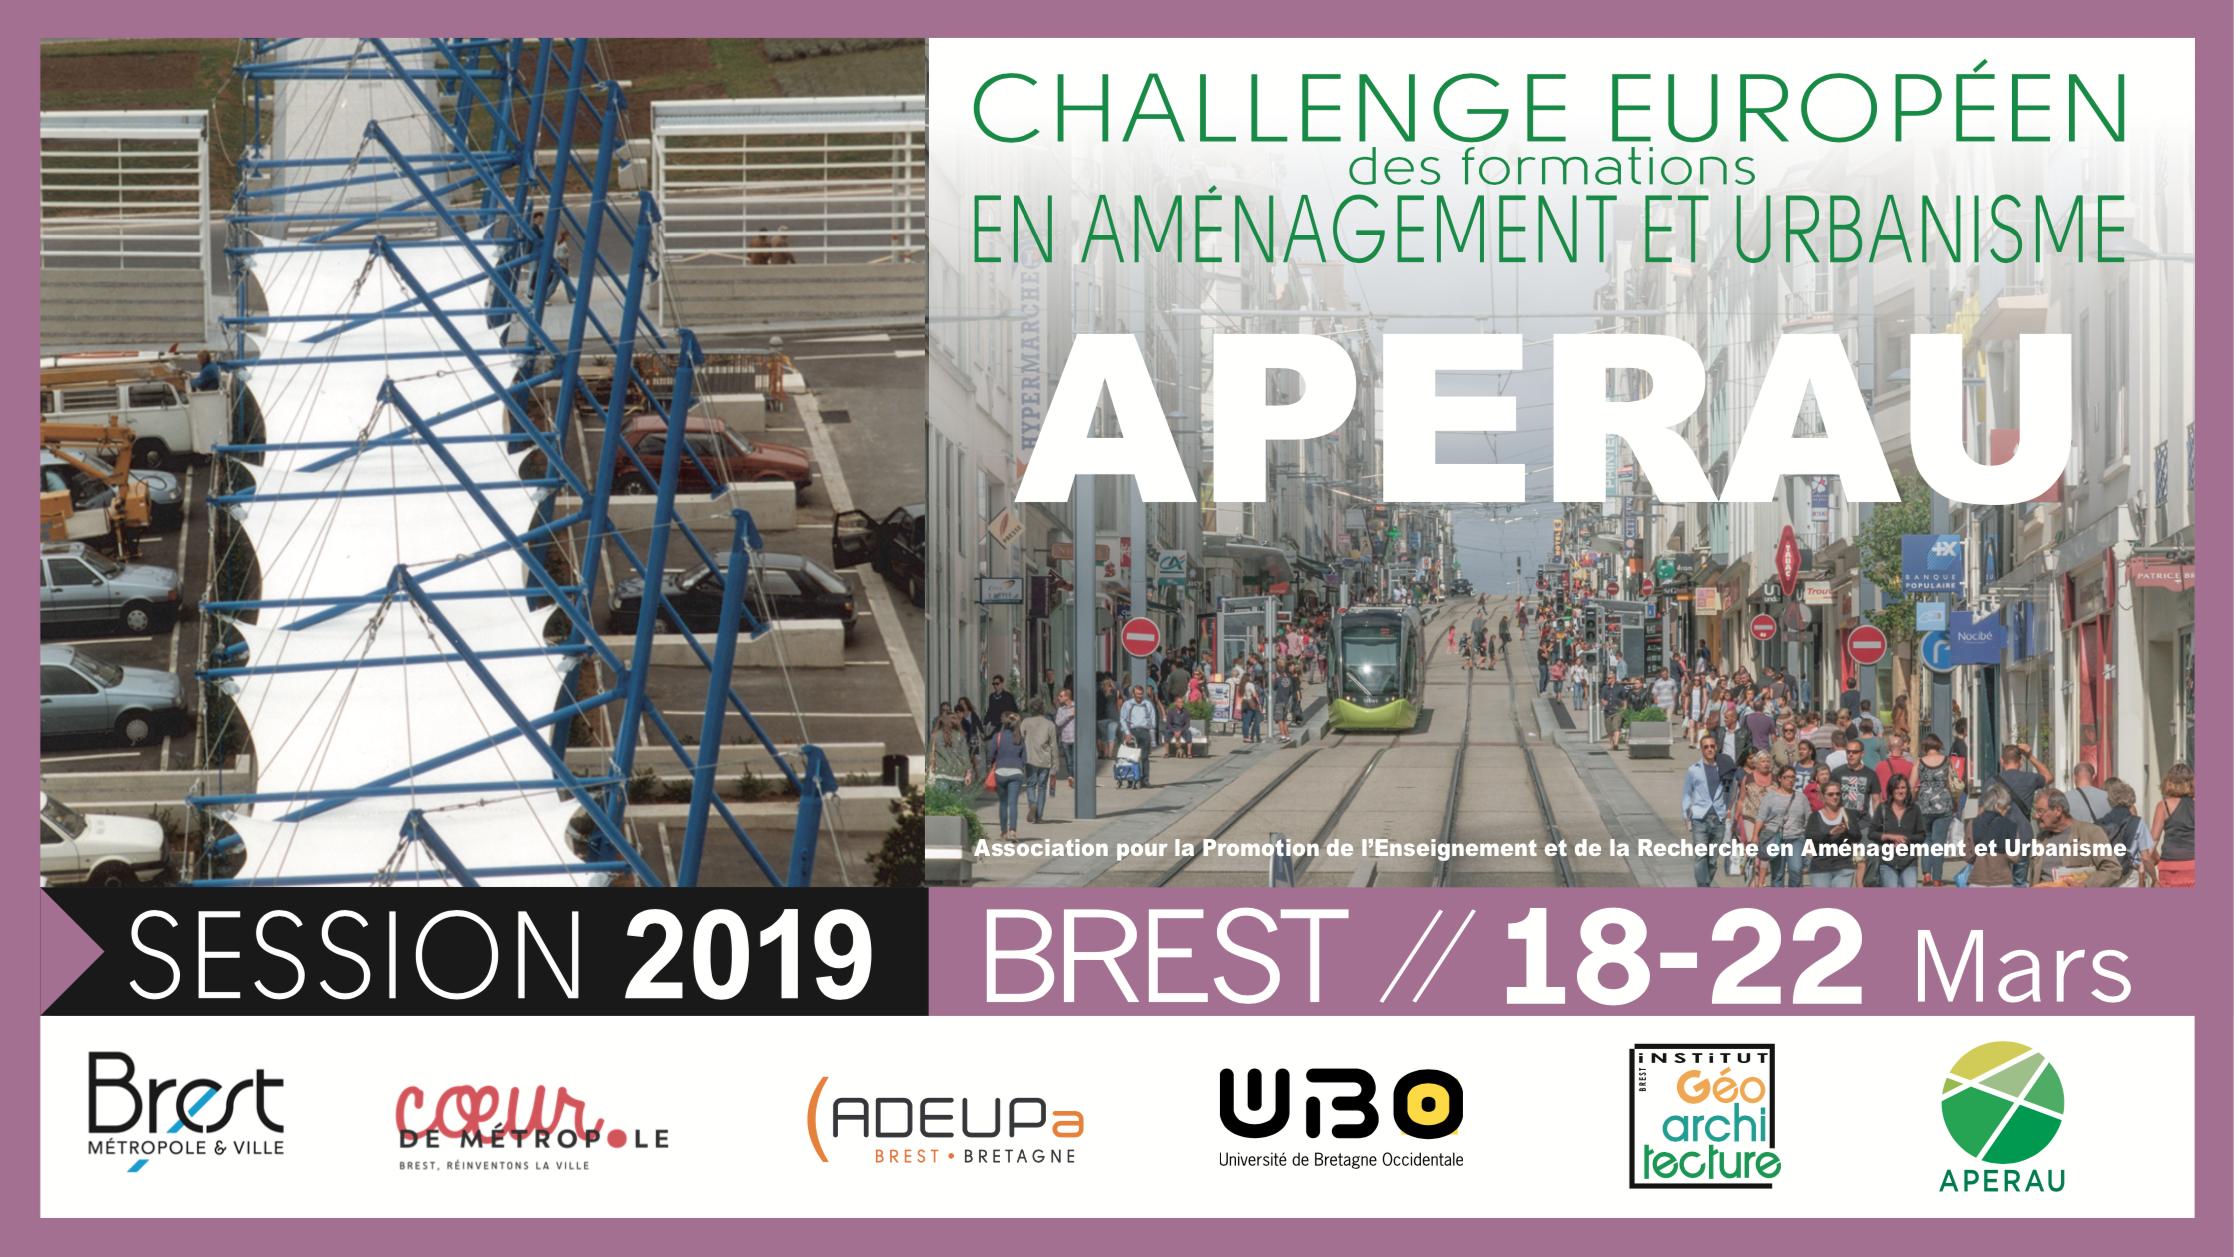 Challenge européen des instituts d'urbanisme